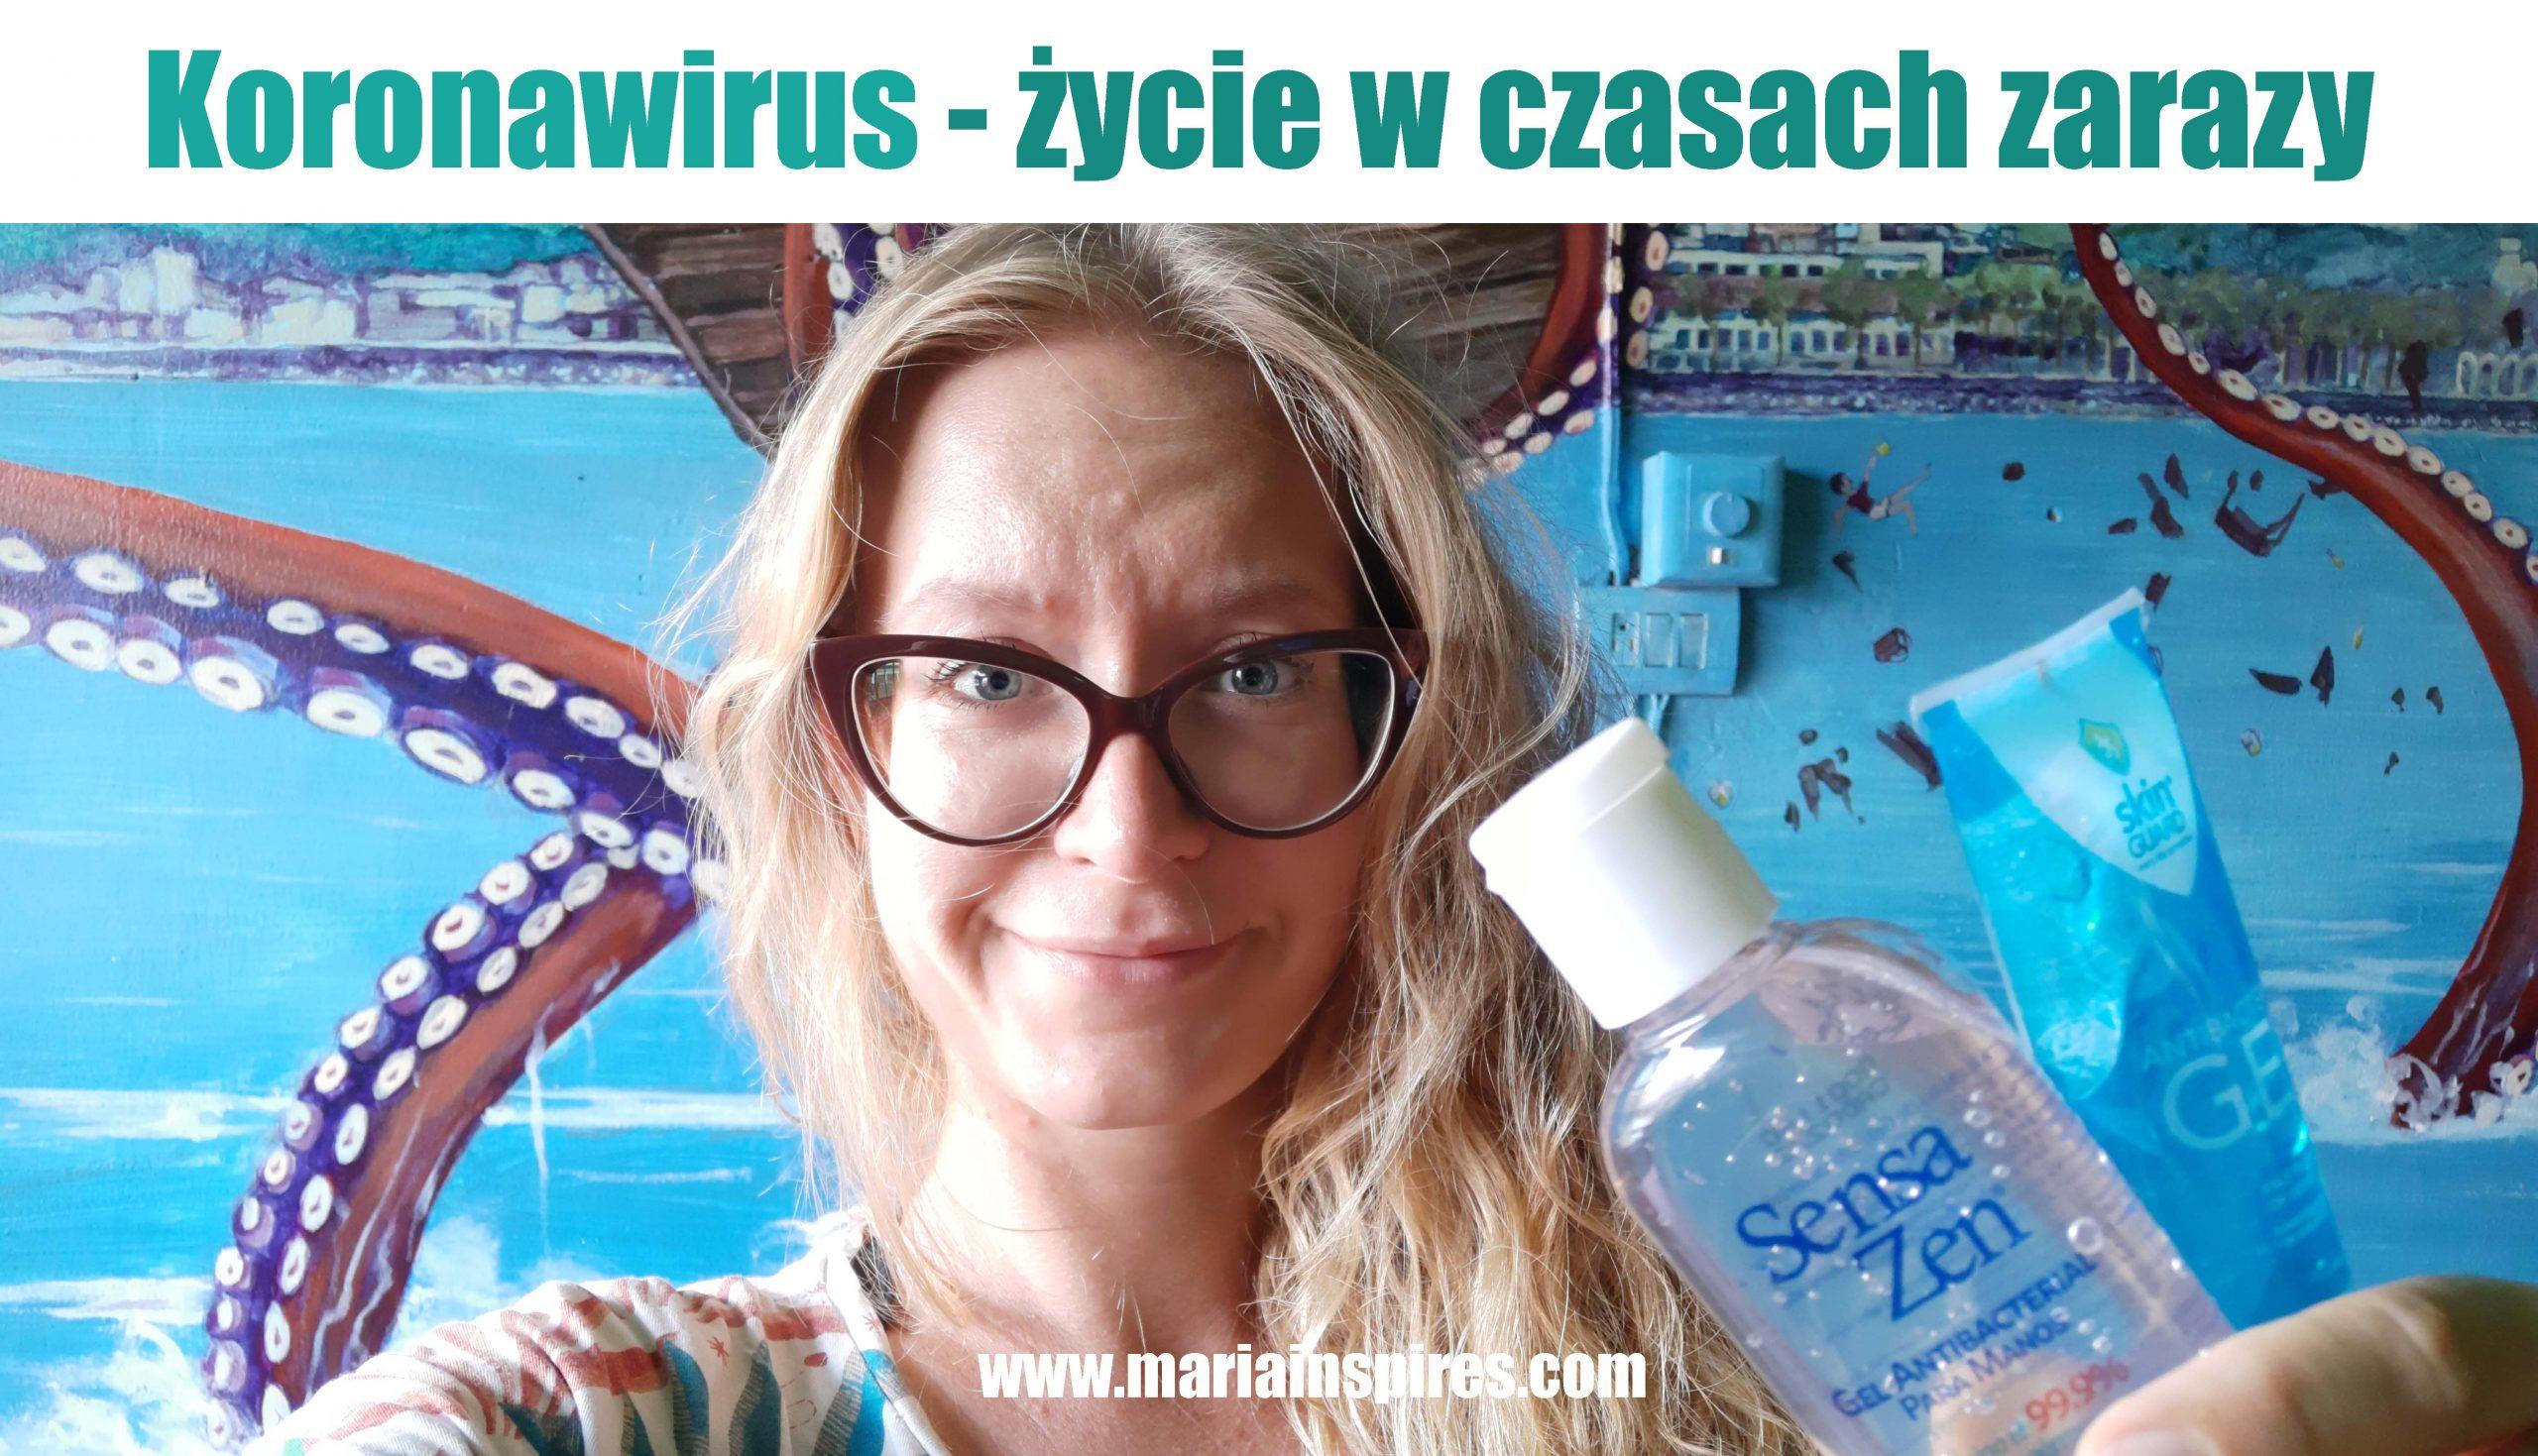 Koronawirus - życie w czasach zarazy w Polsce